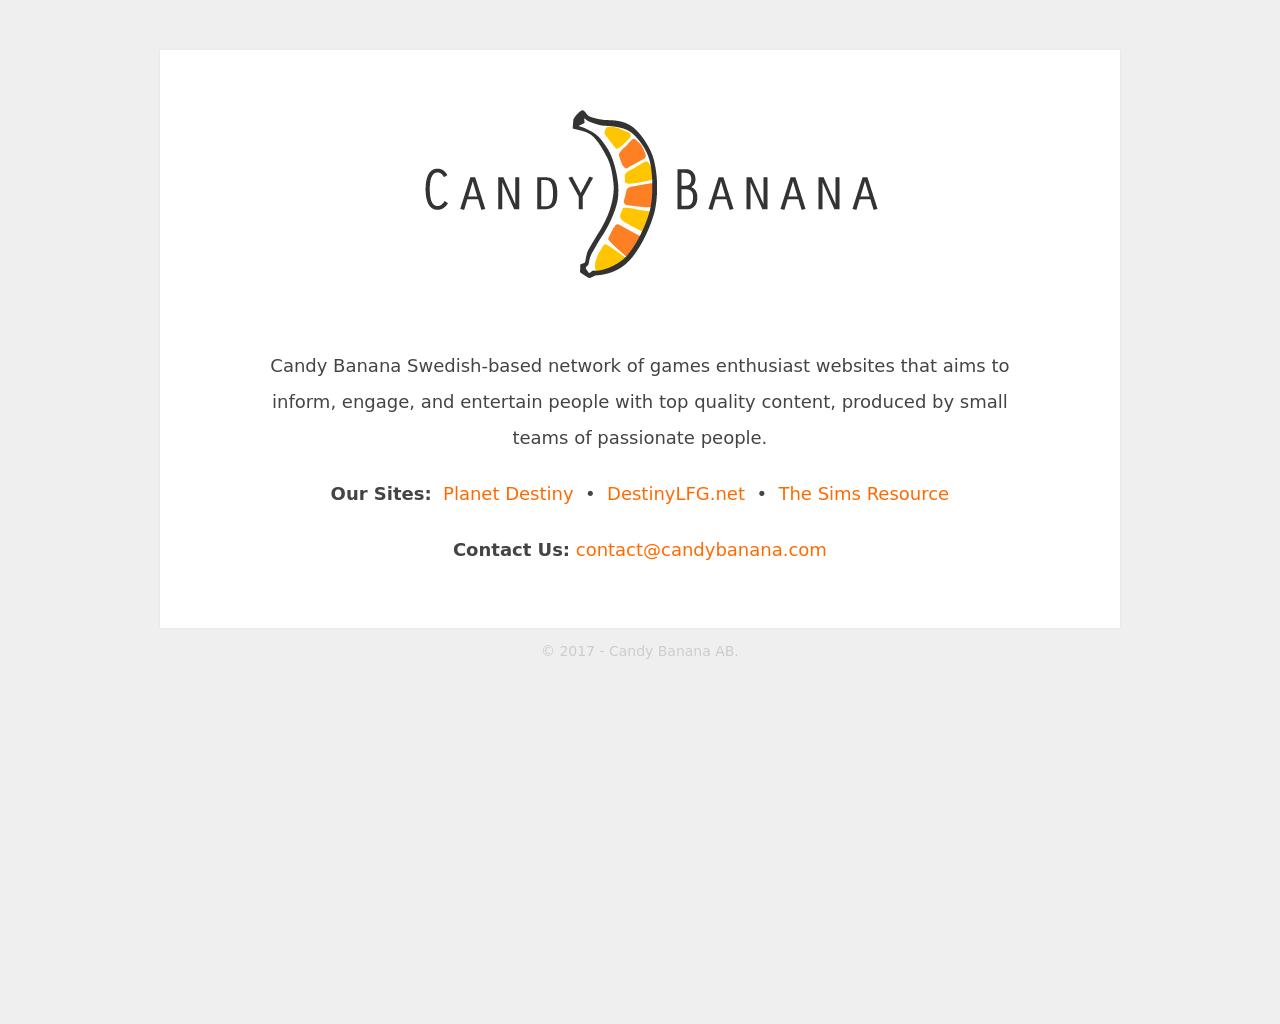 Candy-Banana-Advertising-Reviews-Pricing